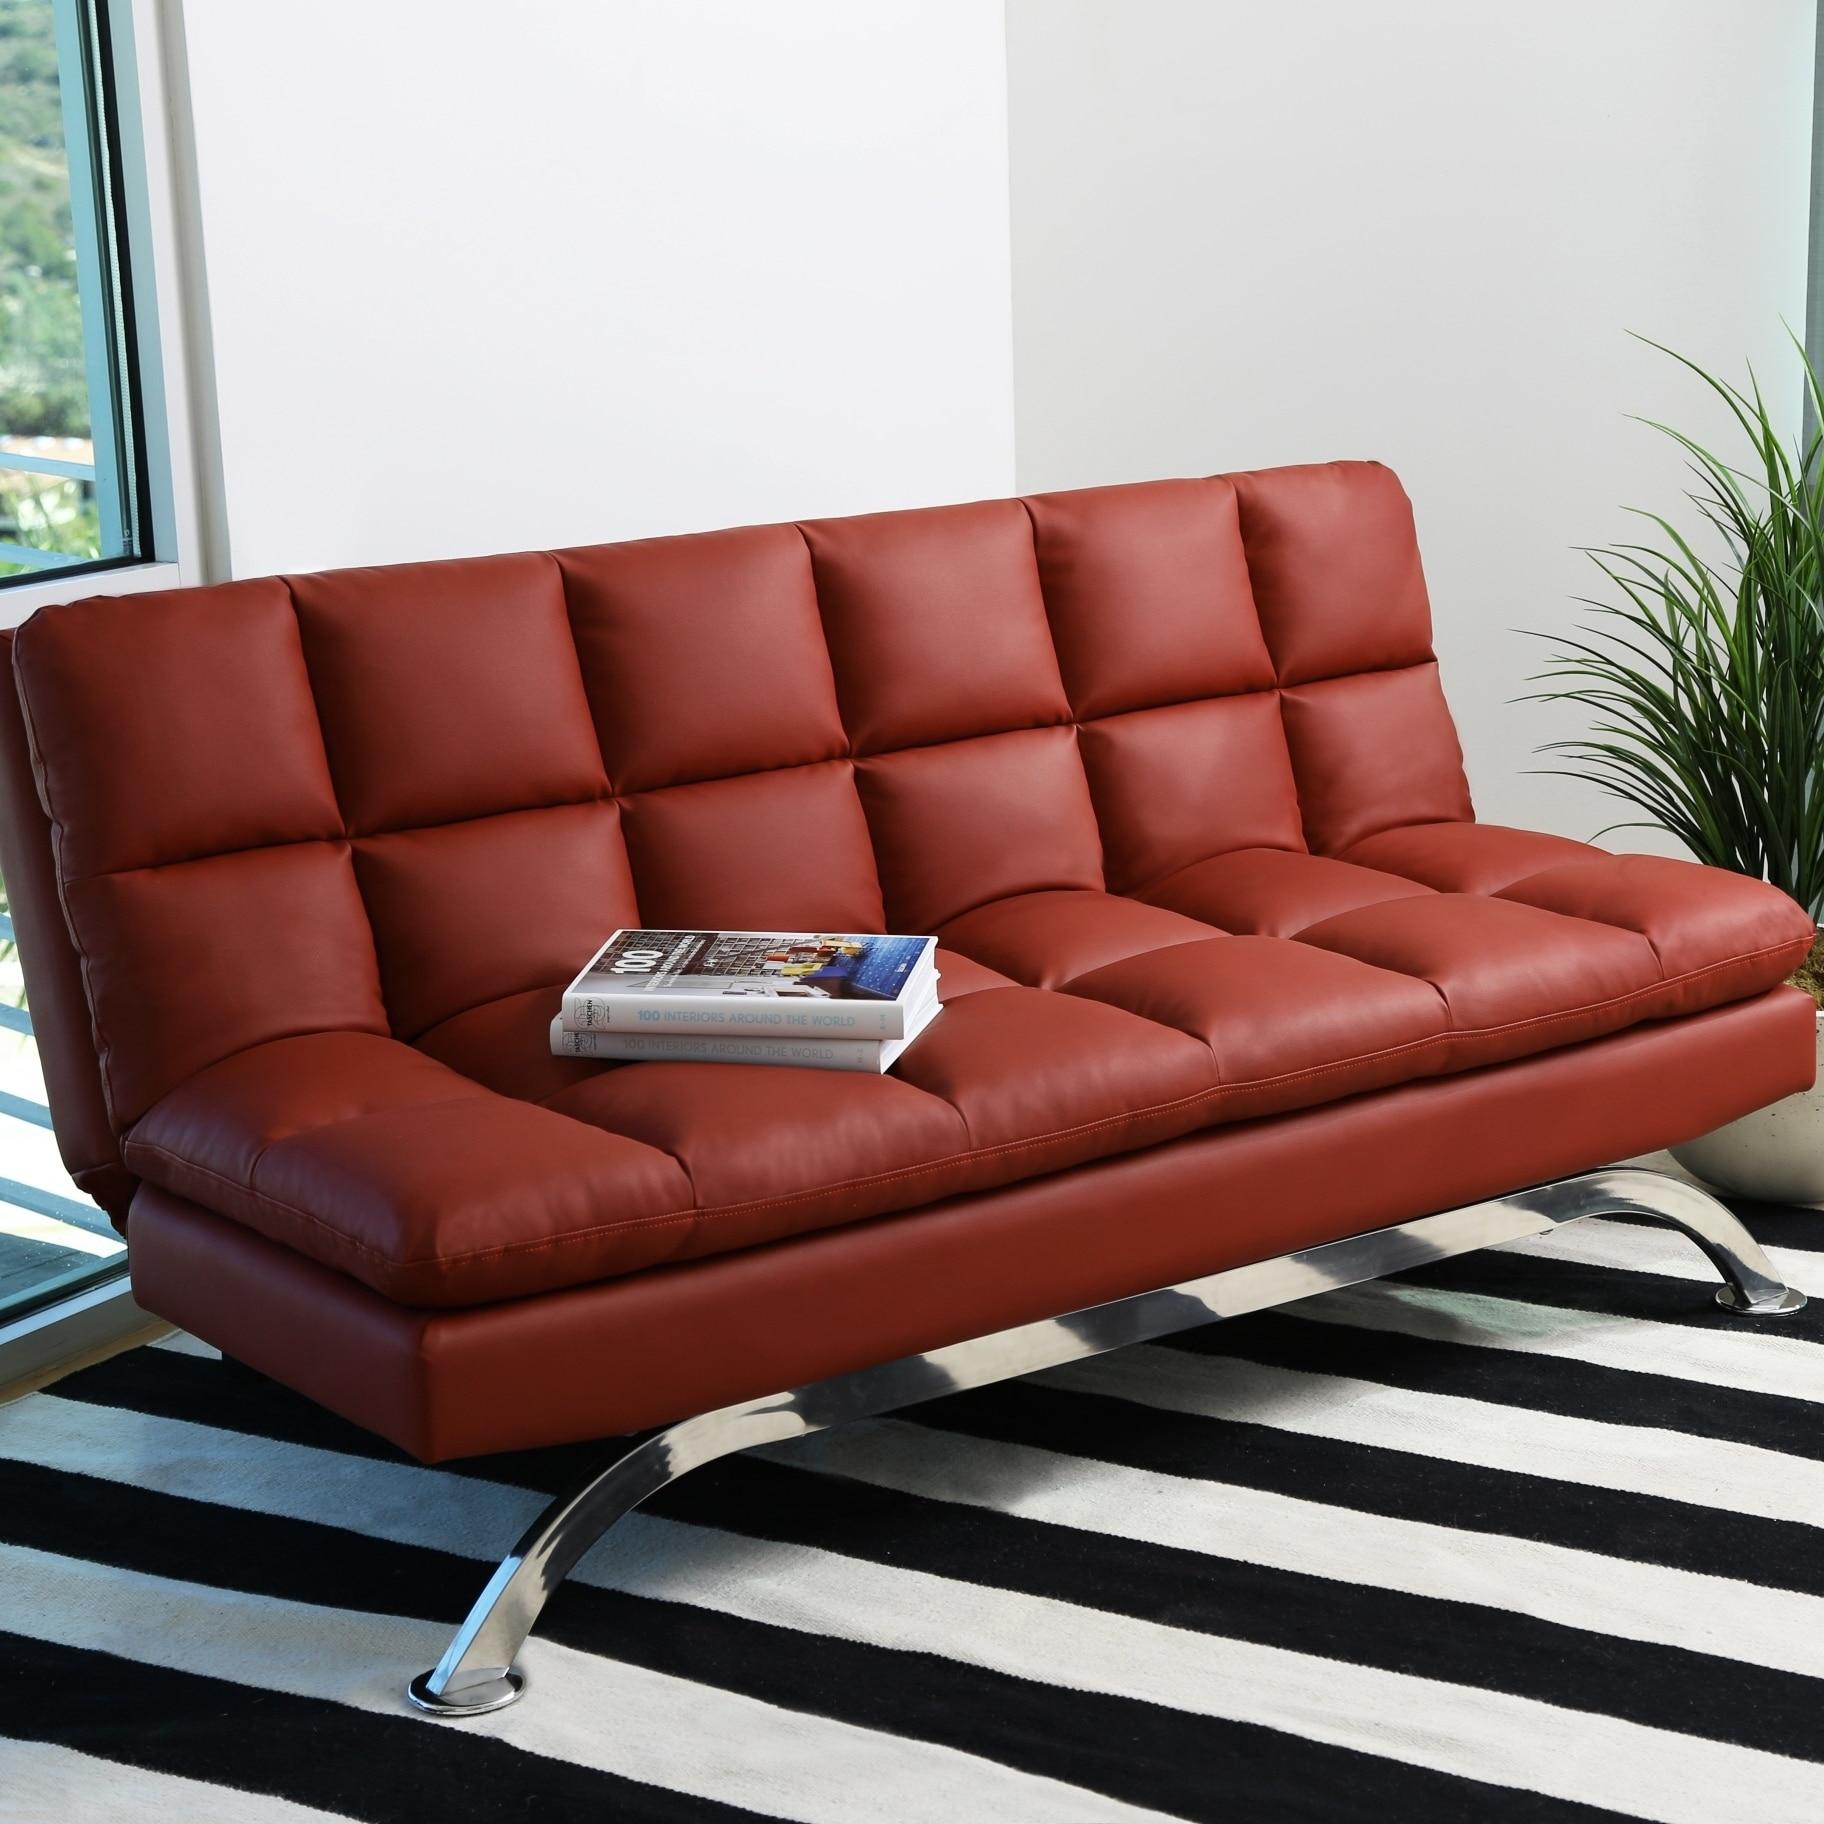 Merveilleux Abbyson Vienna Bonded Leather Euro Futon Sofa